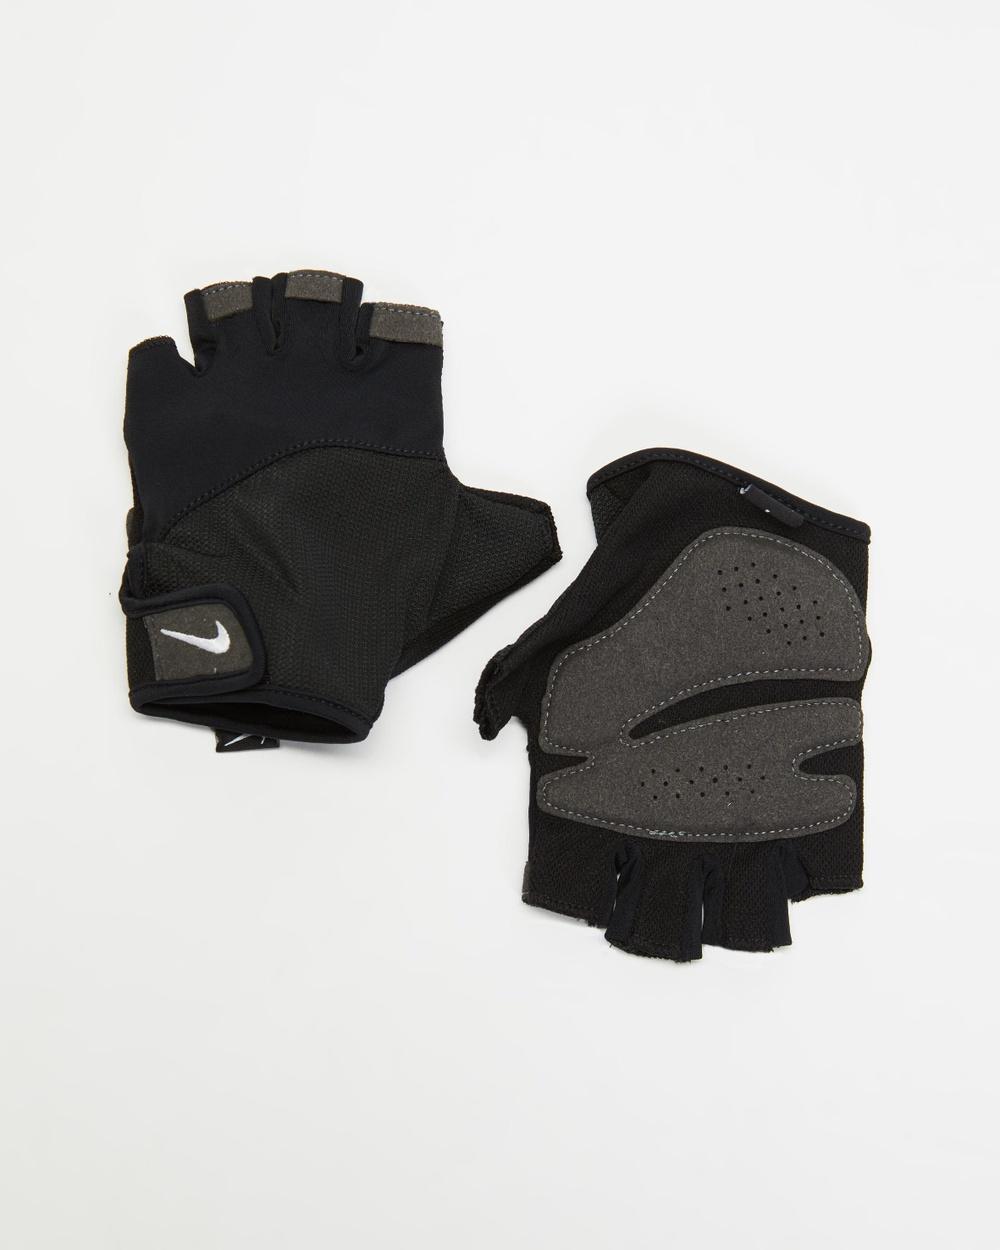 Nike Gym Elemental Fitness Gloves Women's Training Black & White